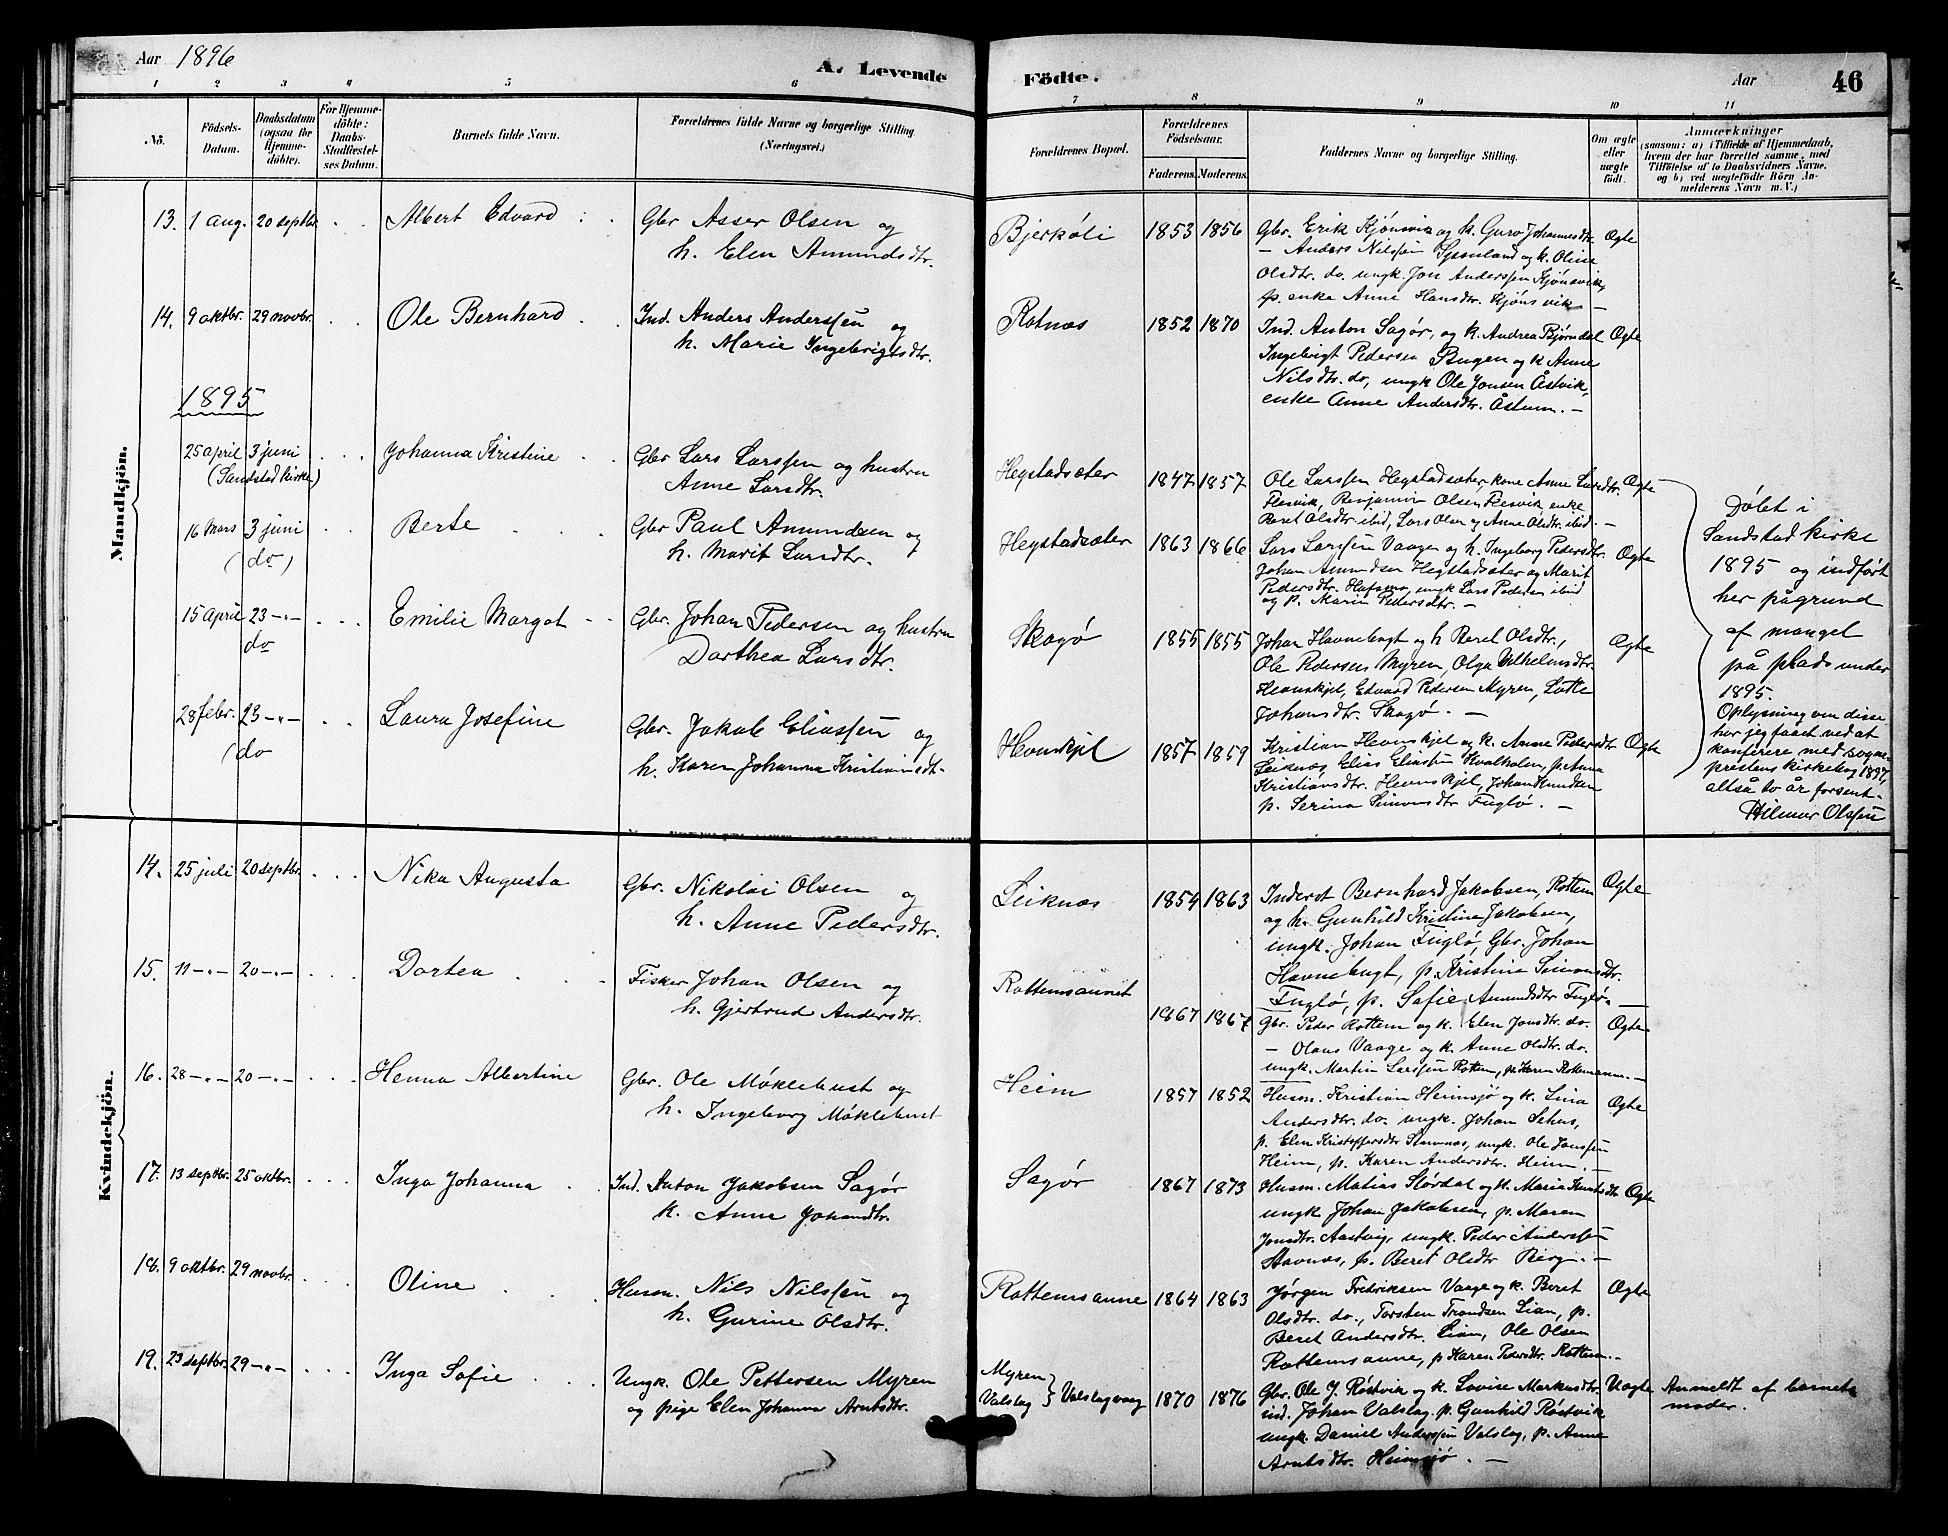 SAT, Ministerialprotokoller, klokkerbøker og fødselsregistre - Sør-Trøndelag, 633/L0519: Klokkerbok nr. 633C01, 1884-1905, s. 46